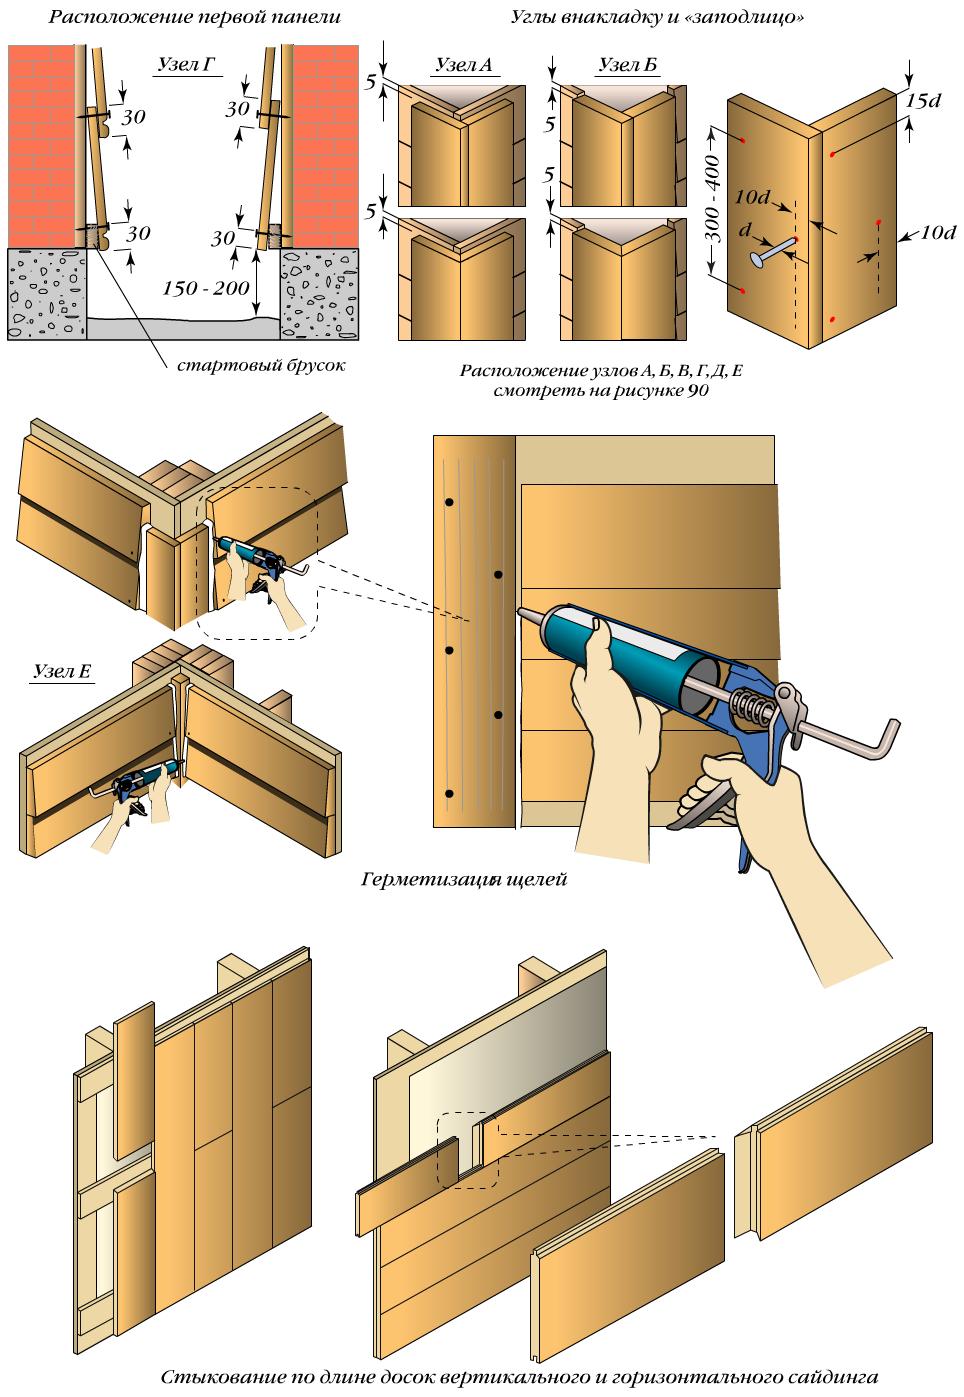 Подробная схема монтажа деревянного блок хауса